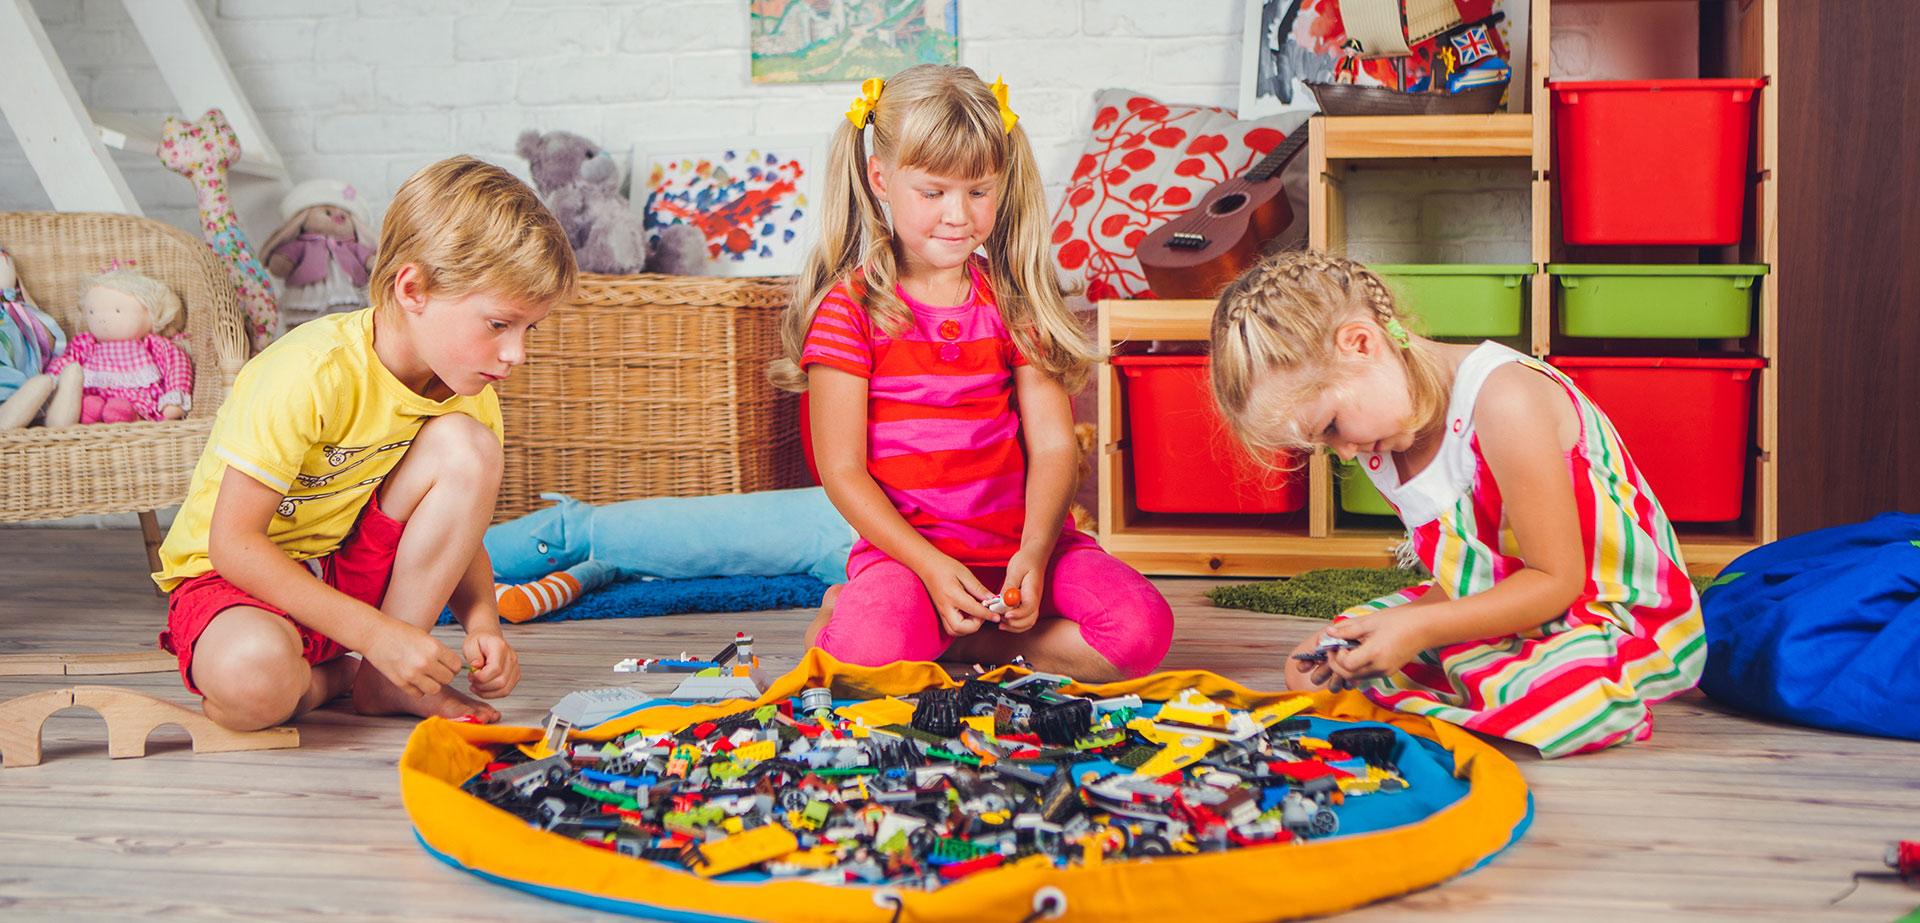 Много ли нужно ребенку для радости? Лего-сумка и клёвые качели!